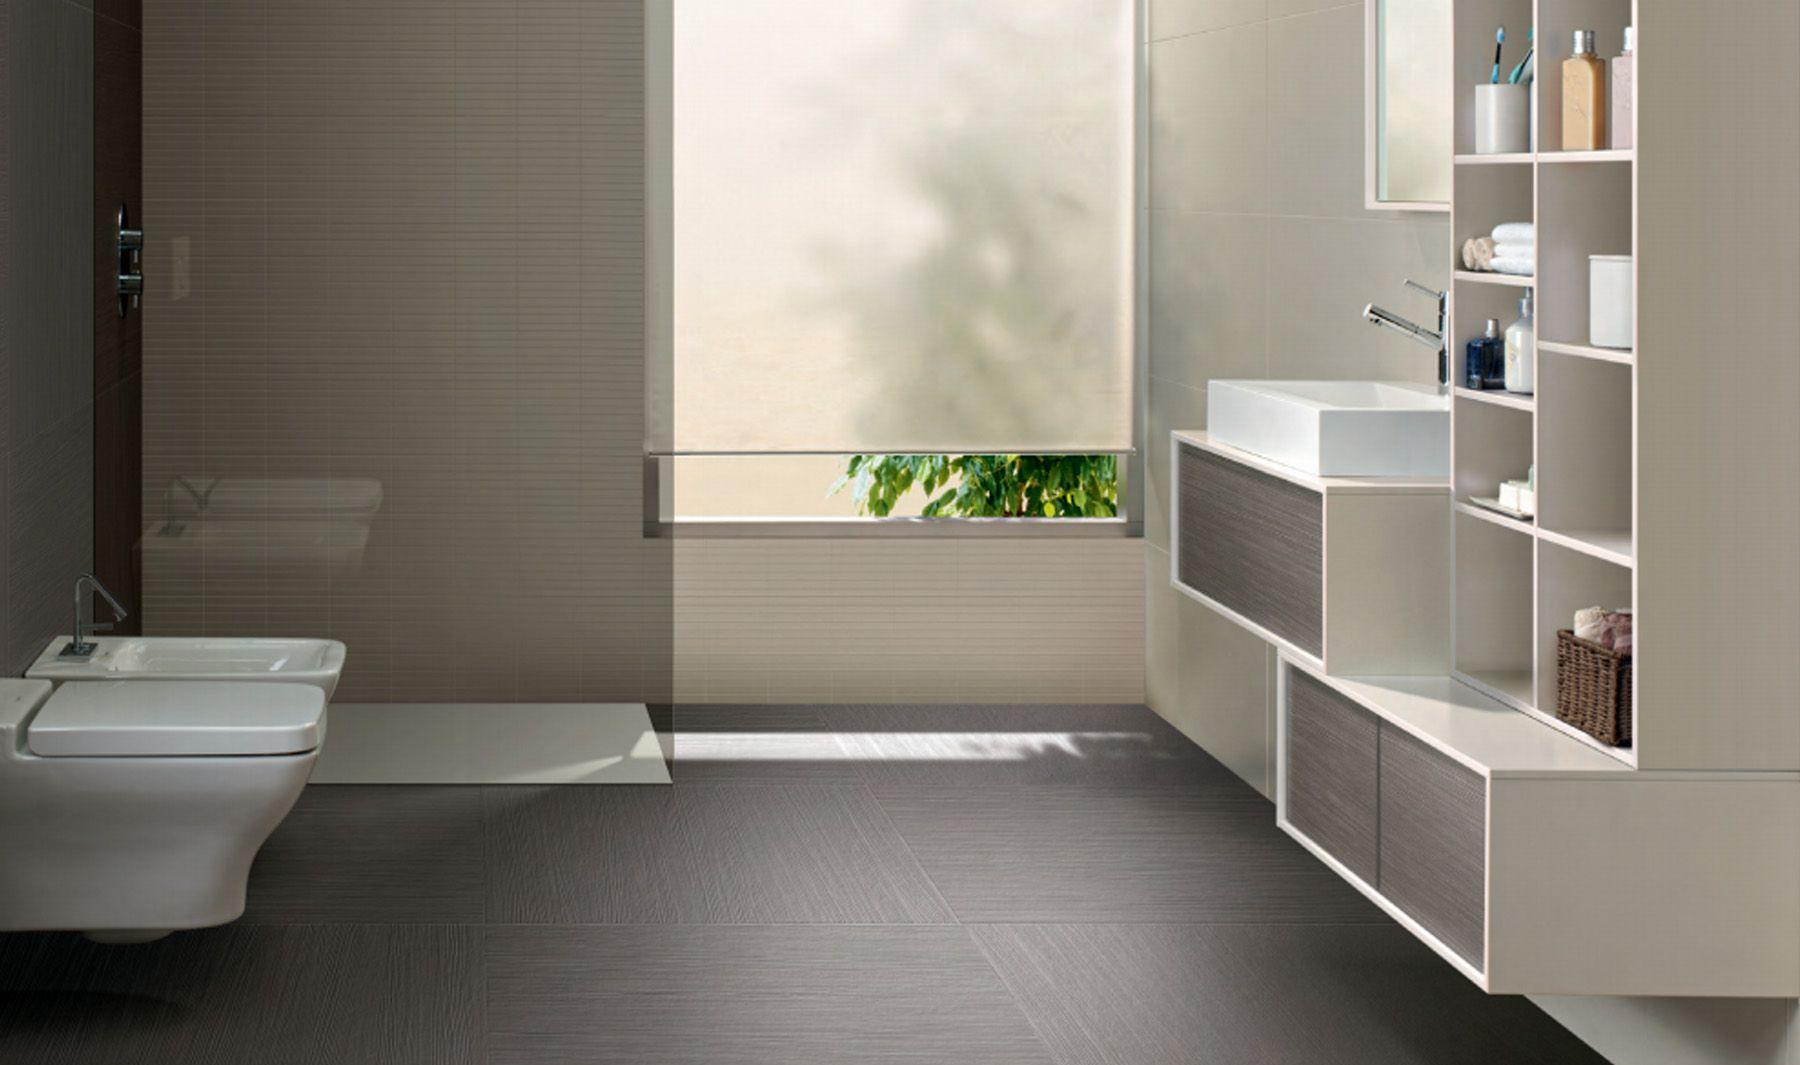 baños modernos gris con blanco - buscar con google   baños